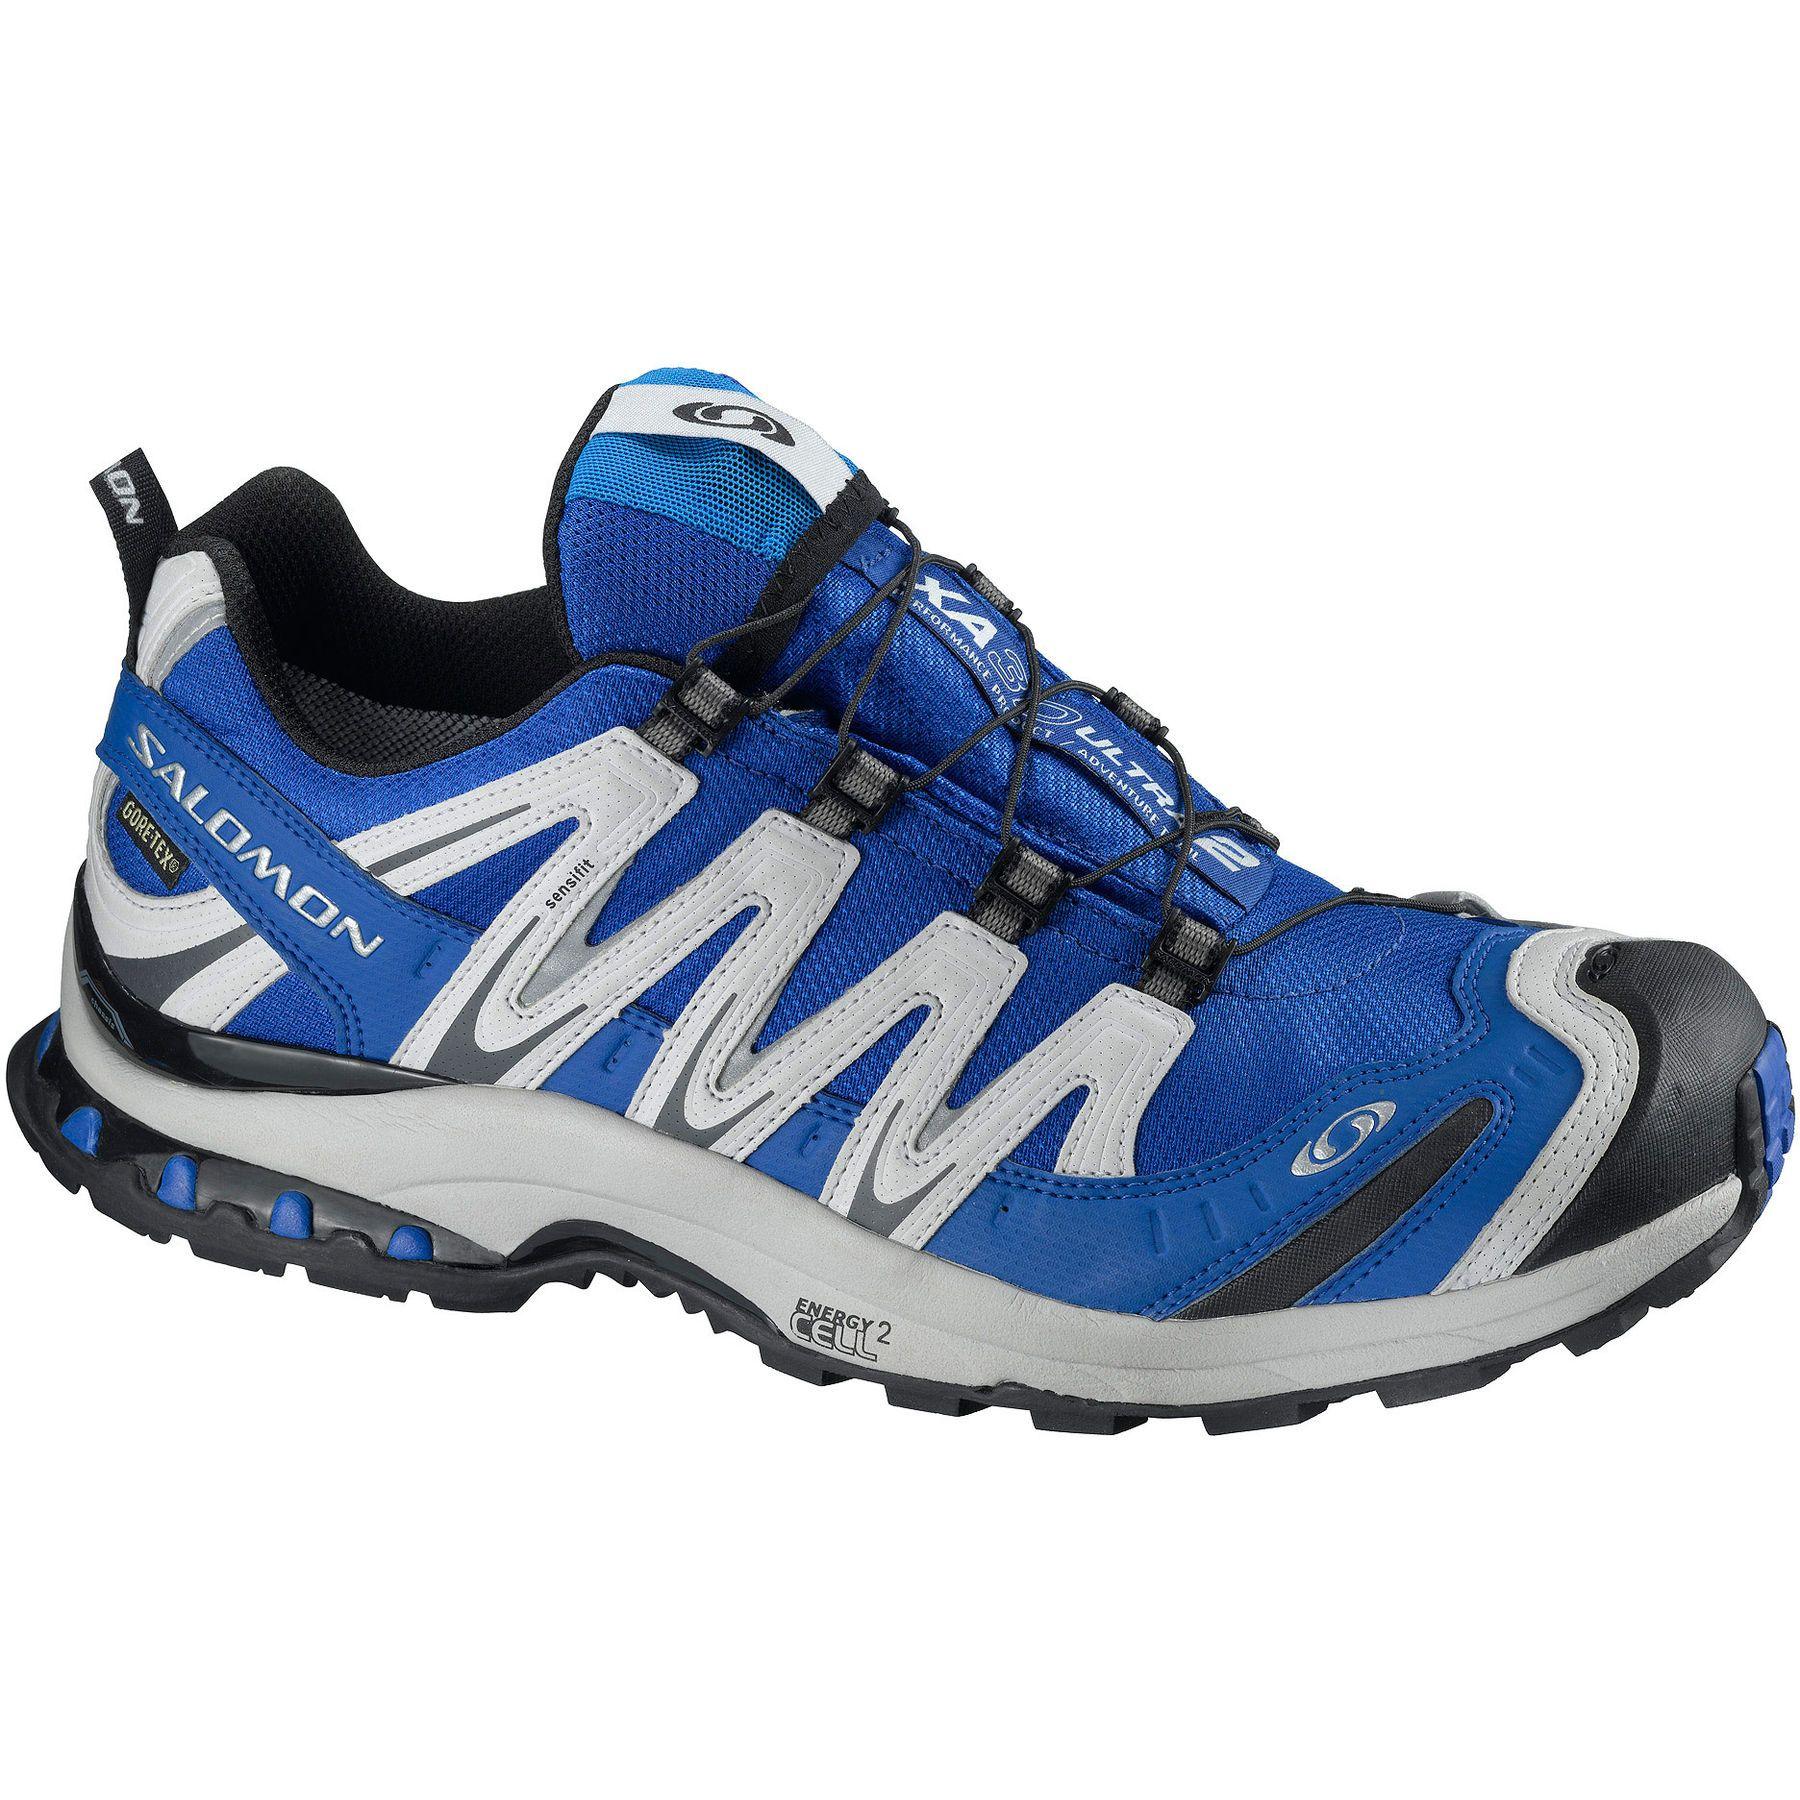 Salomon - XA Pro 3D Ultra 2 | Running shoes for men, Salomon ...